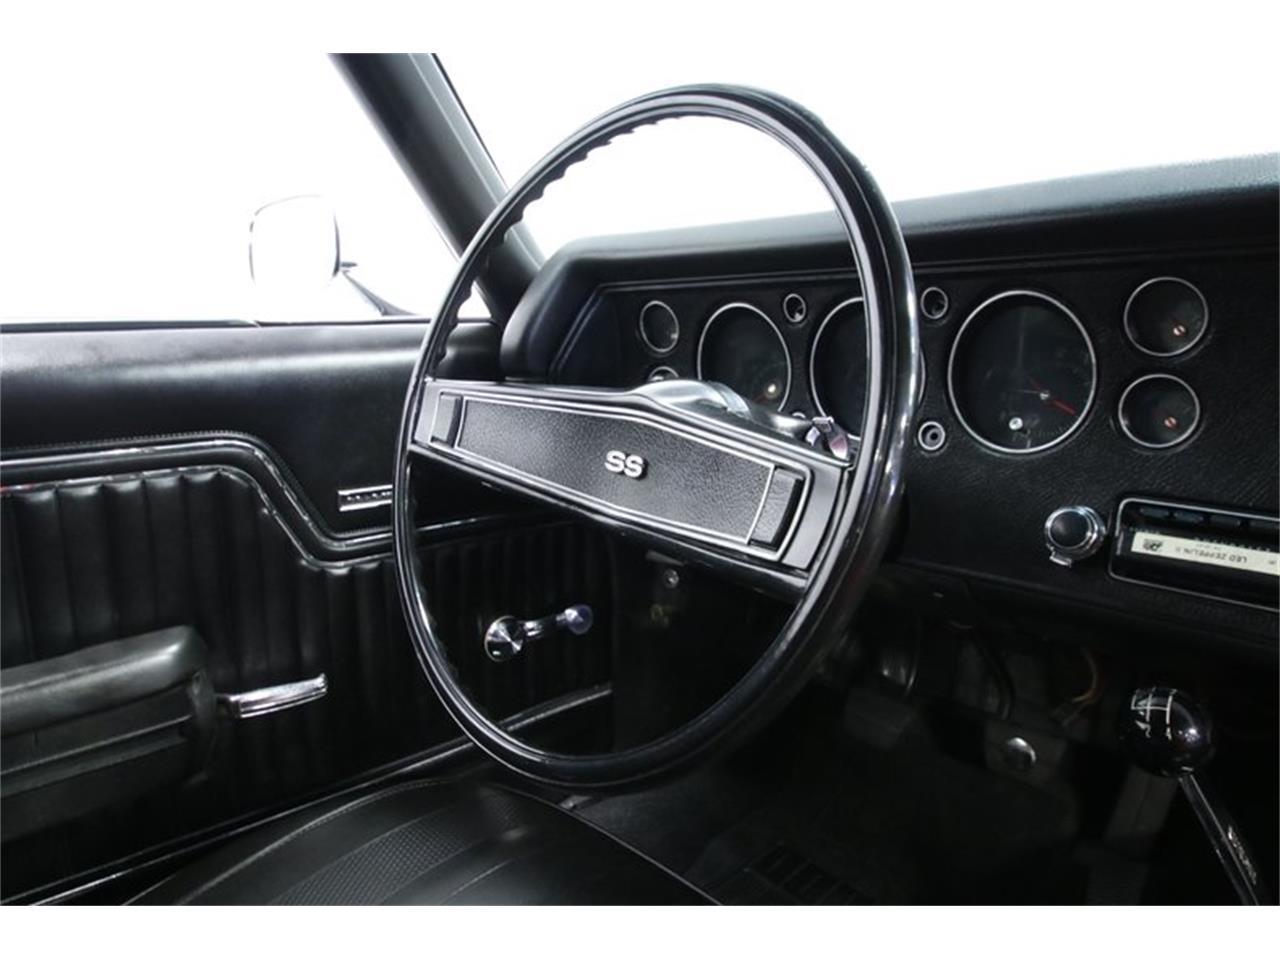 1970 Chevrolet Chevelle (CC-1248781) for sale in Concord, North Carolina